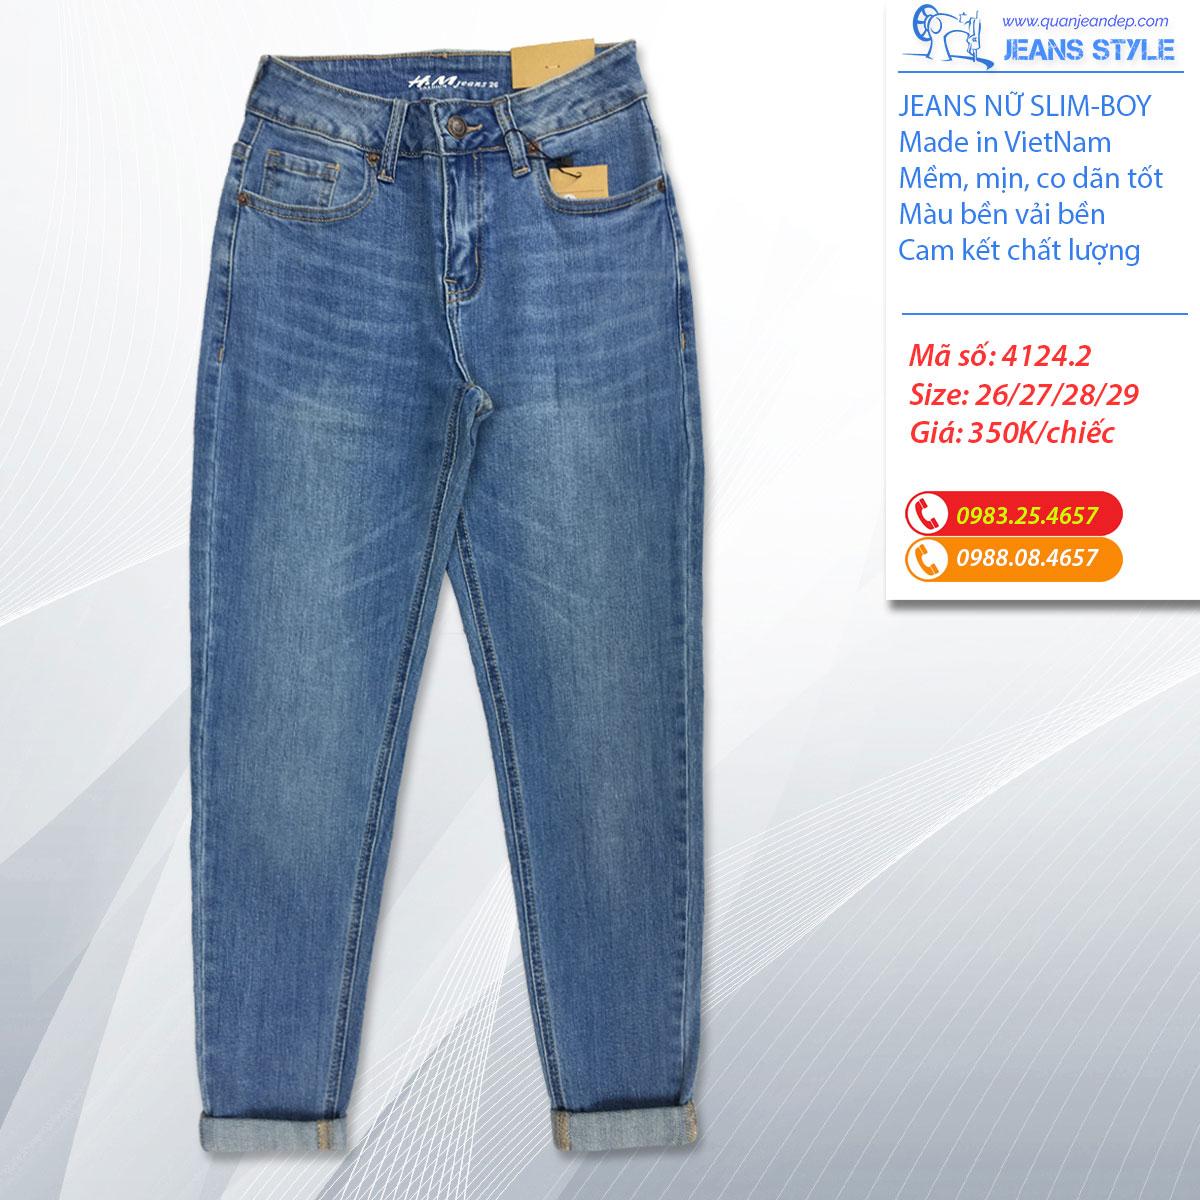 Quần Jeans nữ dáng slim-boy lỡ 4124 Giá:350.000,00 ₫